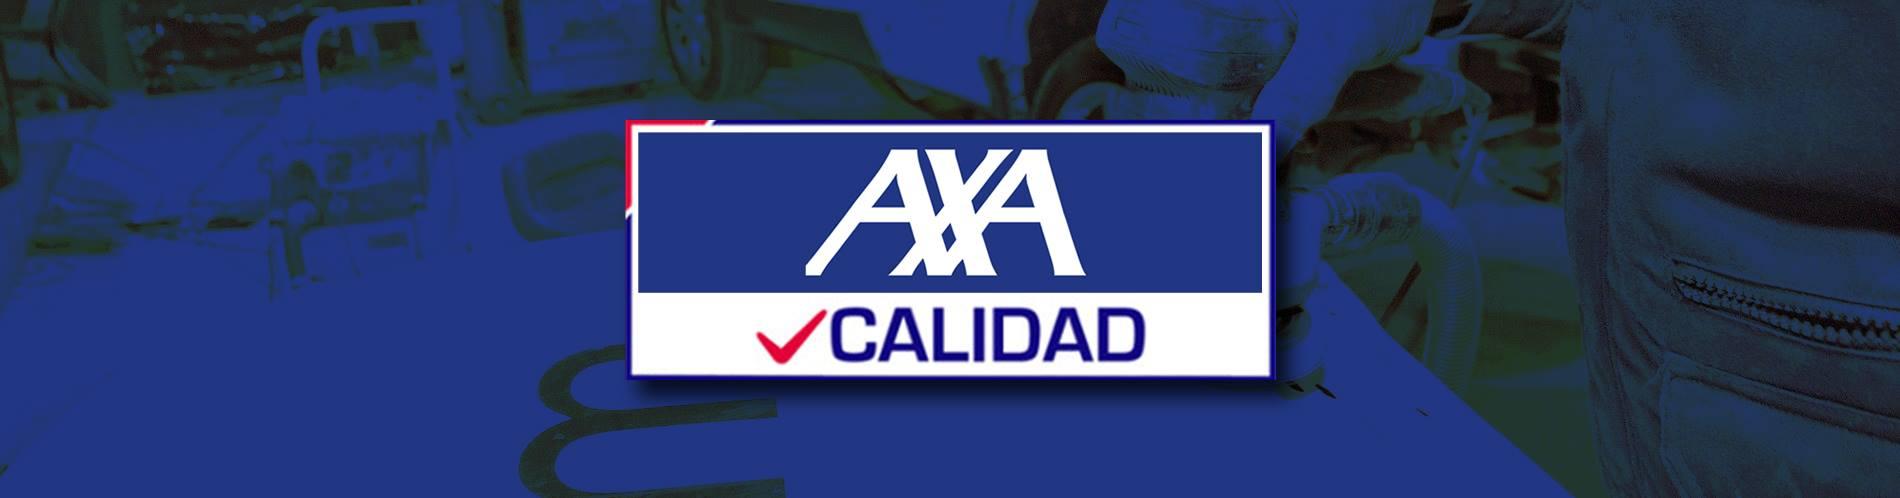 Talleres de chapa y pintura  concertados con AXA - Palma de Mallorca